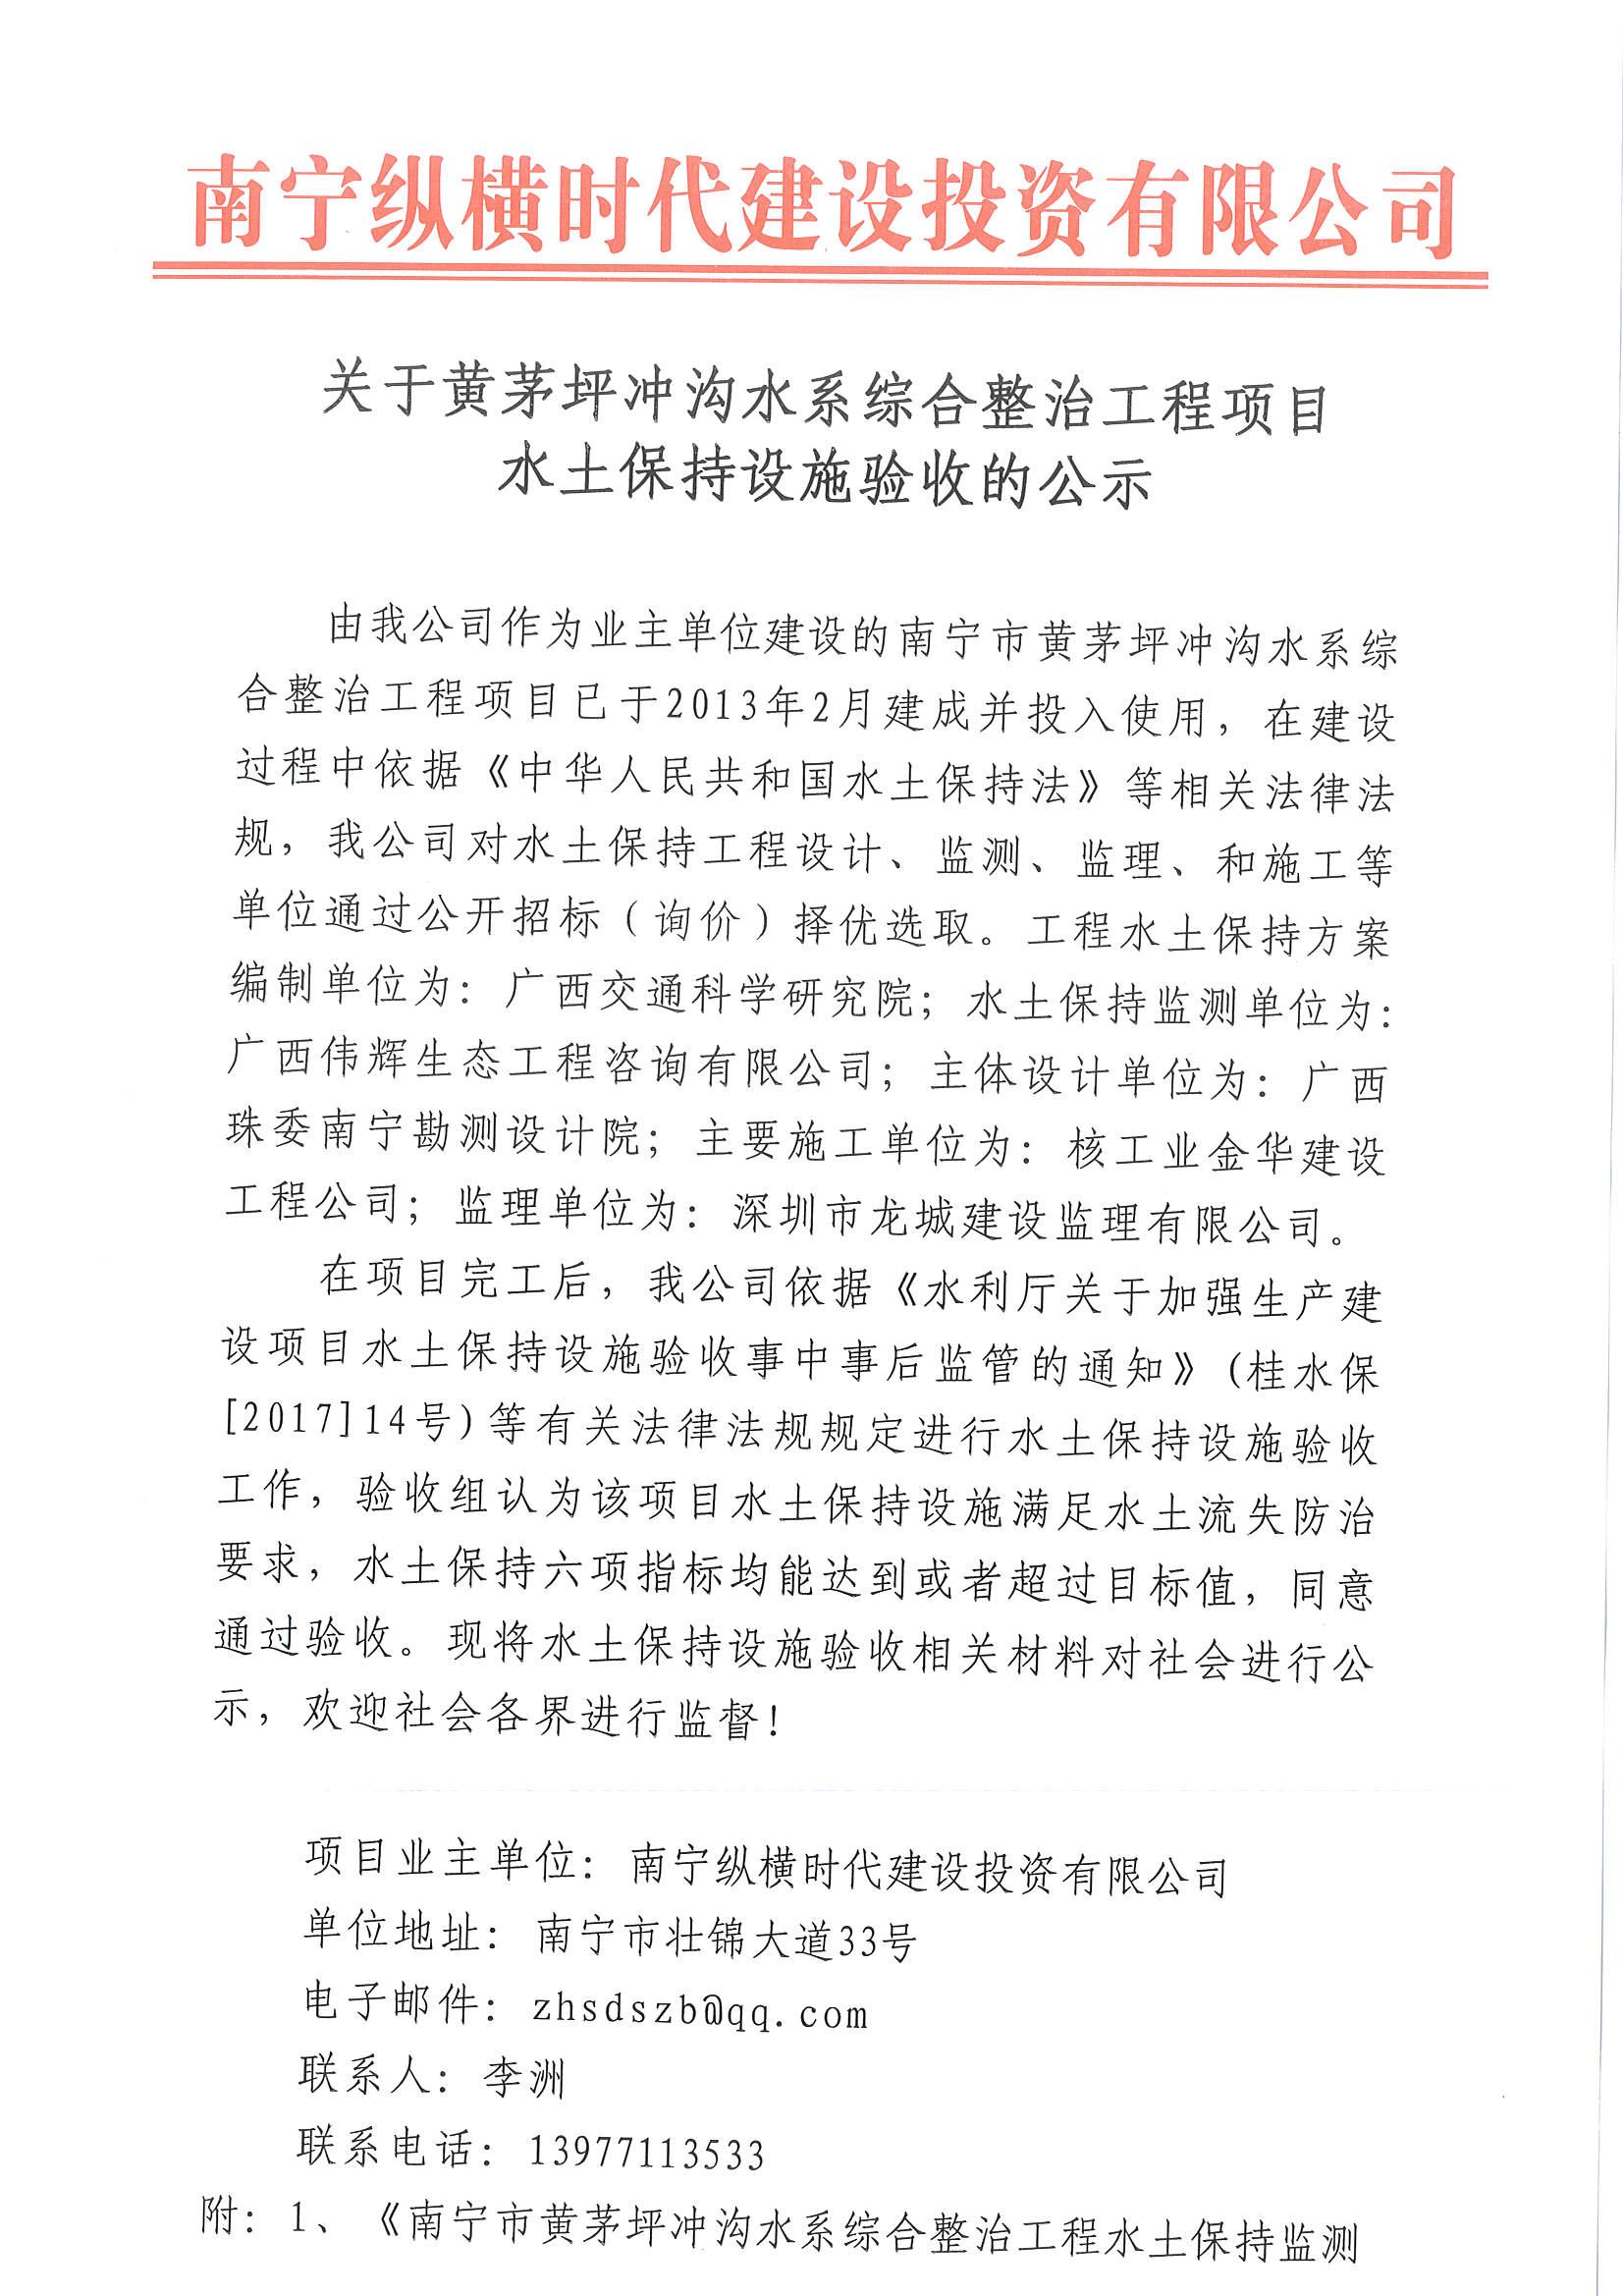 黄茅坪冲沟综合整治工程项目m6电竞设施验收的公示_页面_1.jpg